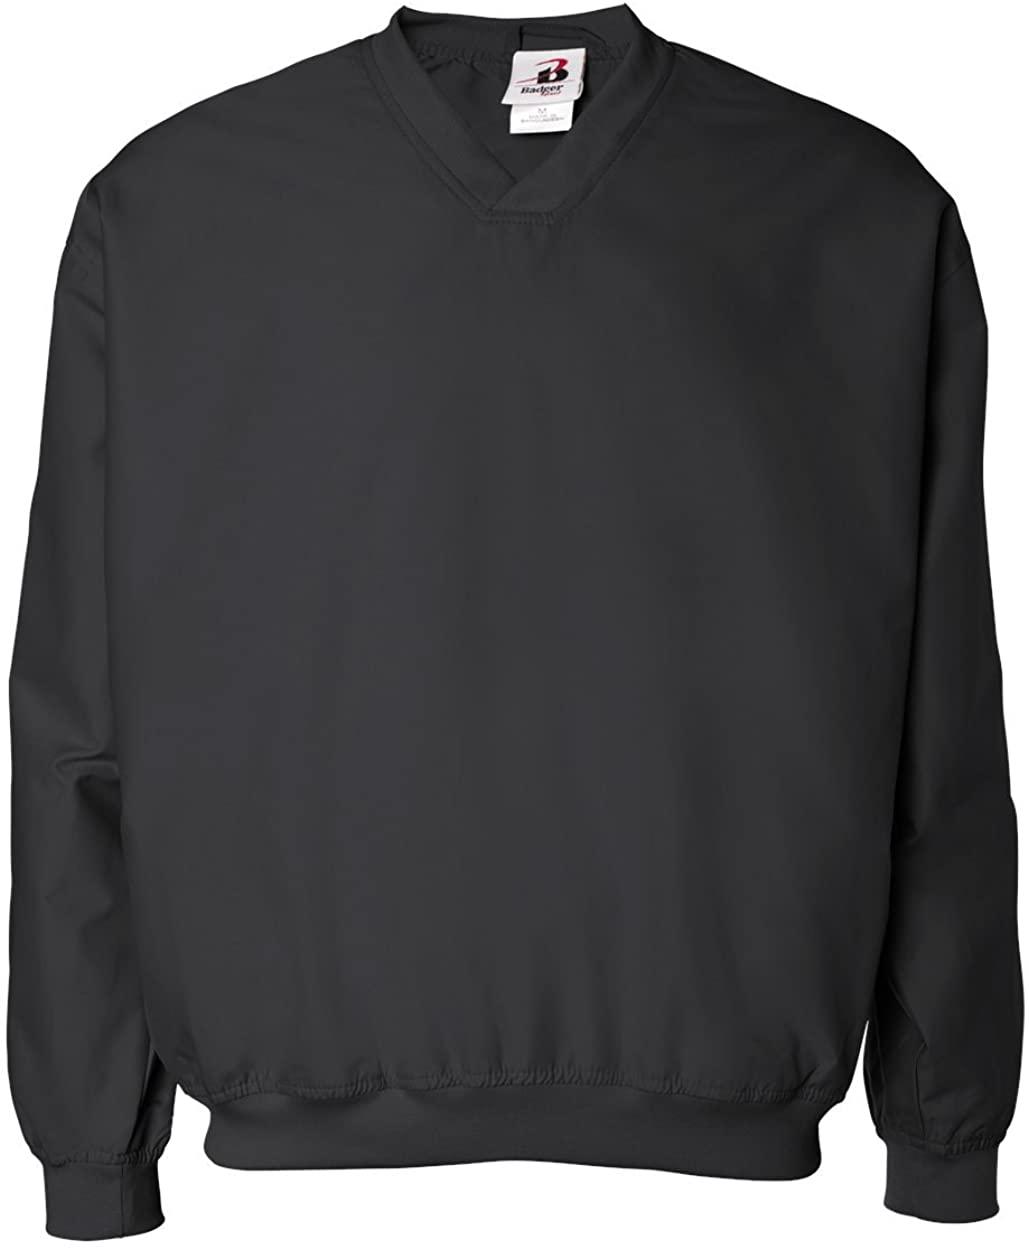 Badger Sport Microfiber Windshirt - 7618 - Black - Large